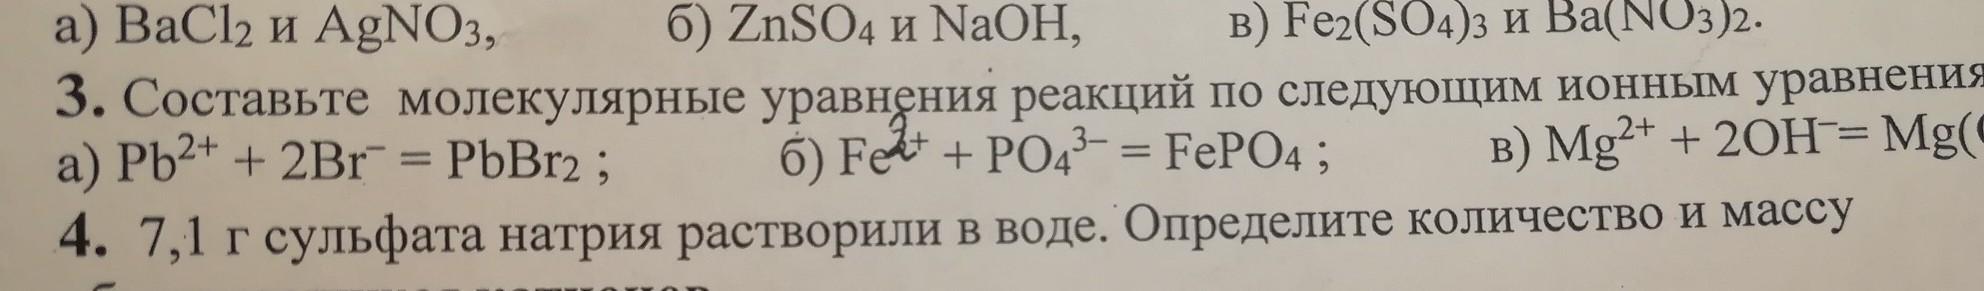 Помогите, пожалуйста! 3-ий номер, пункт б.